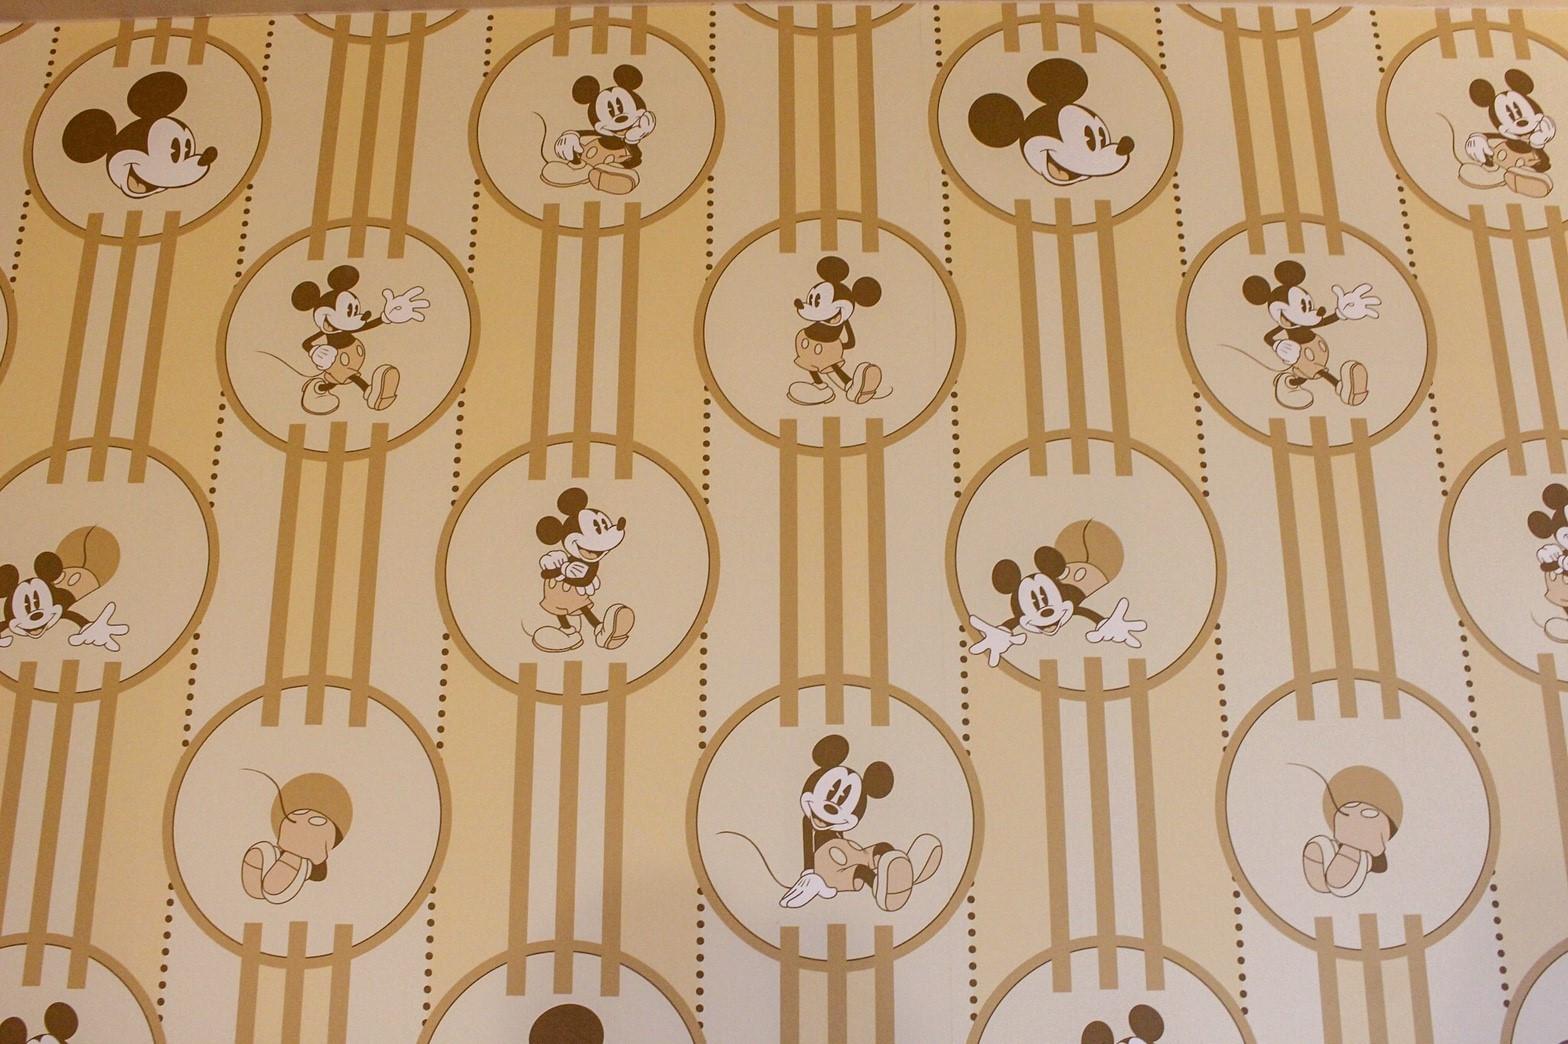 ミッキーマウスルーム(アンバサダーホテル)の壁紙